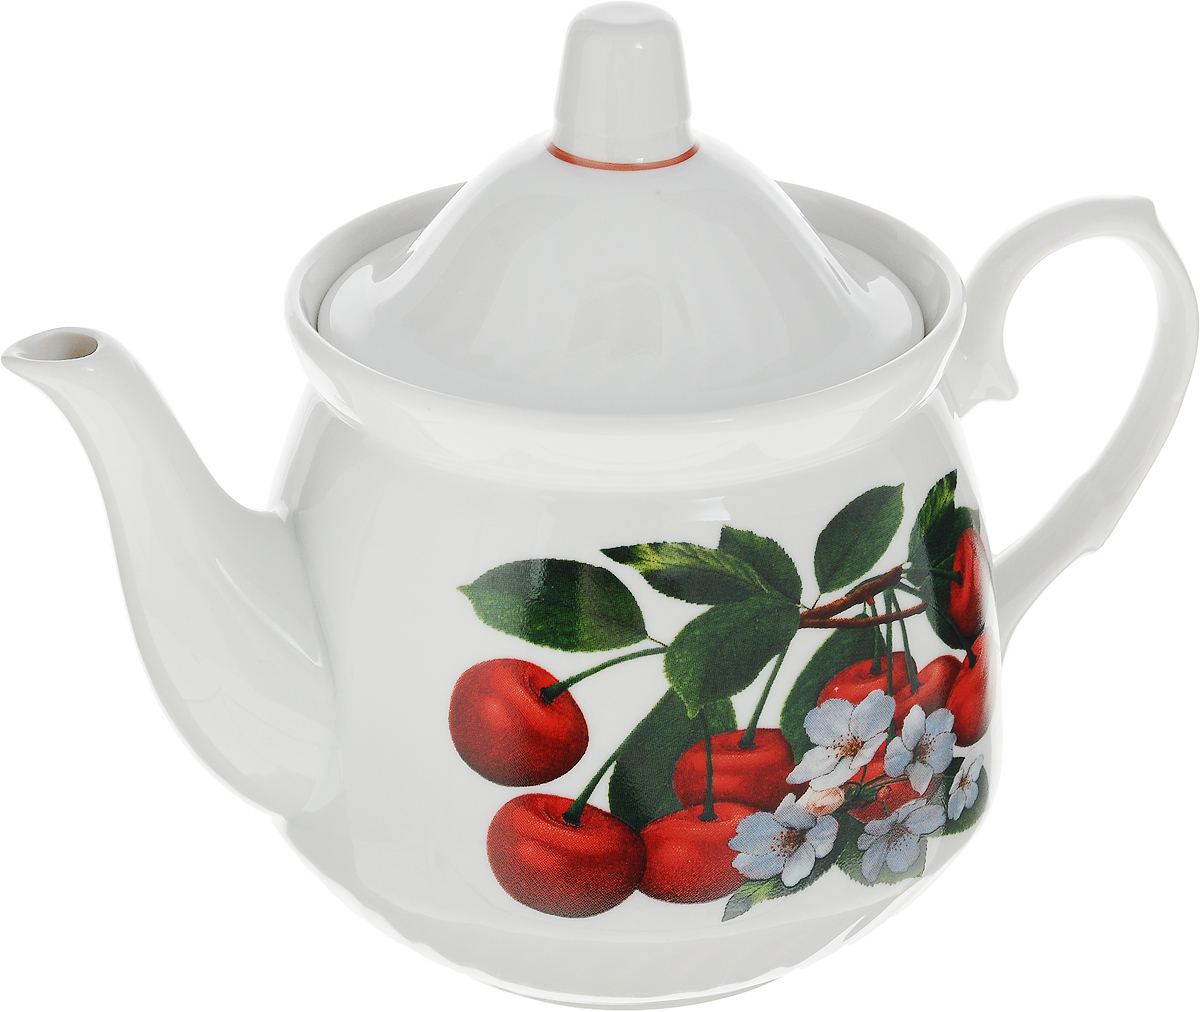 Чайник заварочный Кирмаш. Ассорти, 550 мл. 1303954DH11-67Заварочный чайник Кирмаш. Ассорти изготовлениз высококачественного фарфора. Изделие оформлено ярким рисунком. Такой чайникидеально подойдет для заваривания чая. Онхорошо держит температуру, что способствуетболееполному раскрытию цвета, аромата и вкуса чайногобукета. Изделие прекрасно дополнит сервировку стола кчаепитию и станет его неизменным атрибутом. Диаметр (по верхнему краю): 10 см.Высота чайника (без учета крышки): 10,5 см.